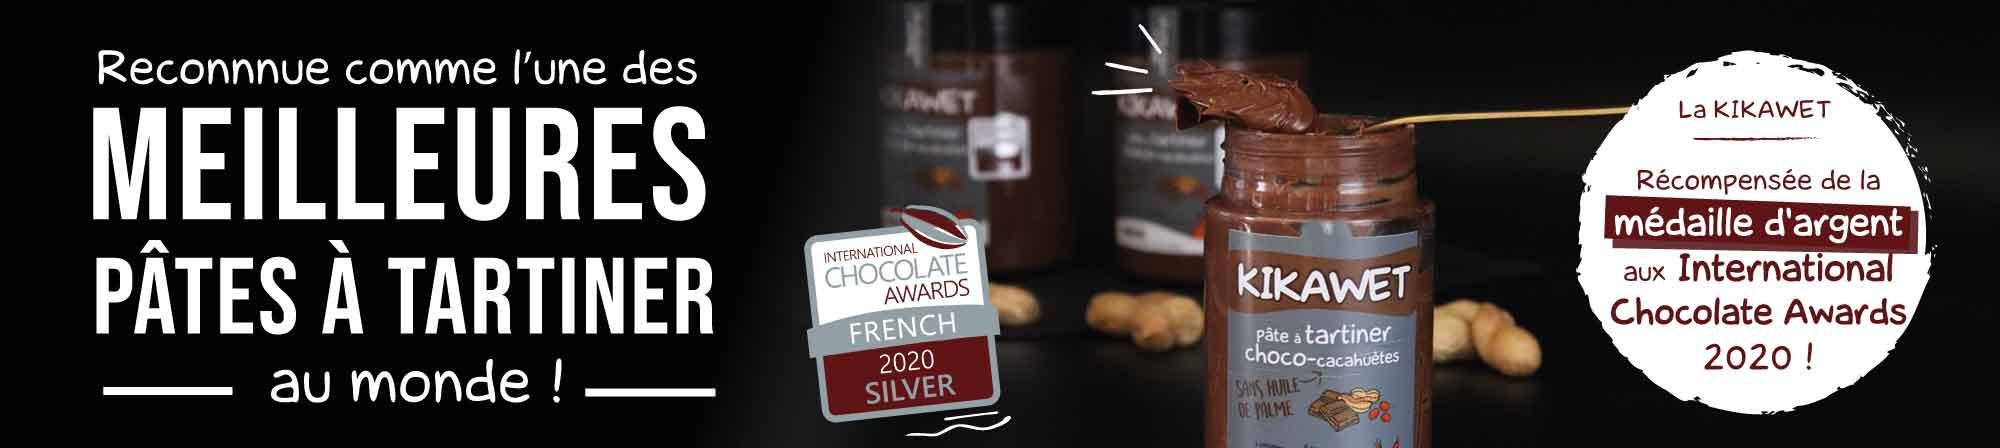 Pâte à tartiner Charles Chocolartisan chocolat lait cacahuète récompensée d'une médaille d'argent aux International Chocolate Awards 2020